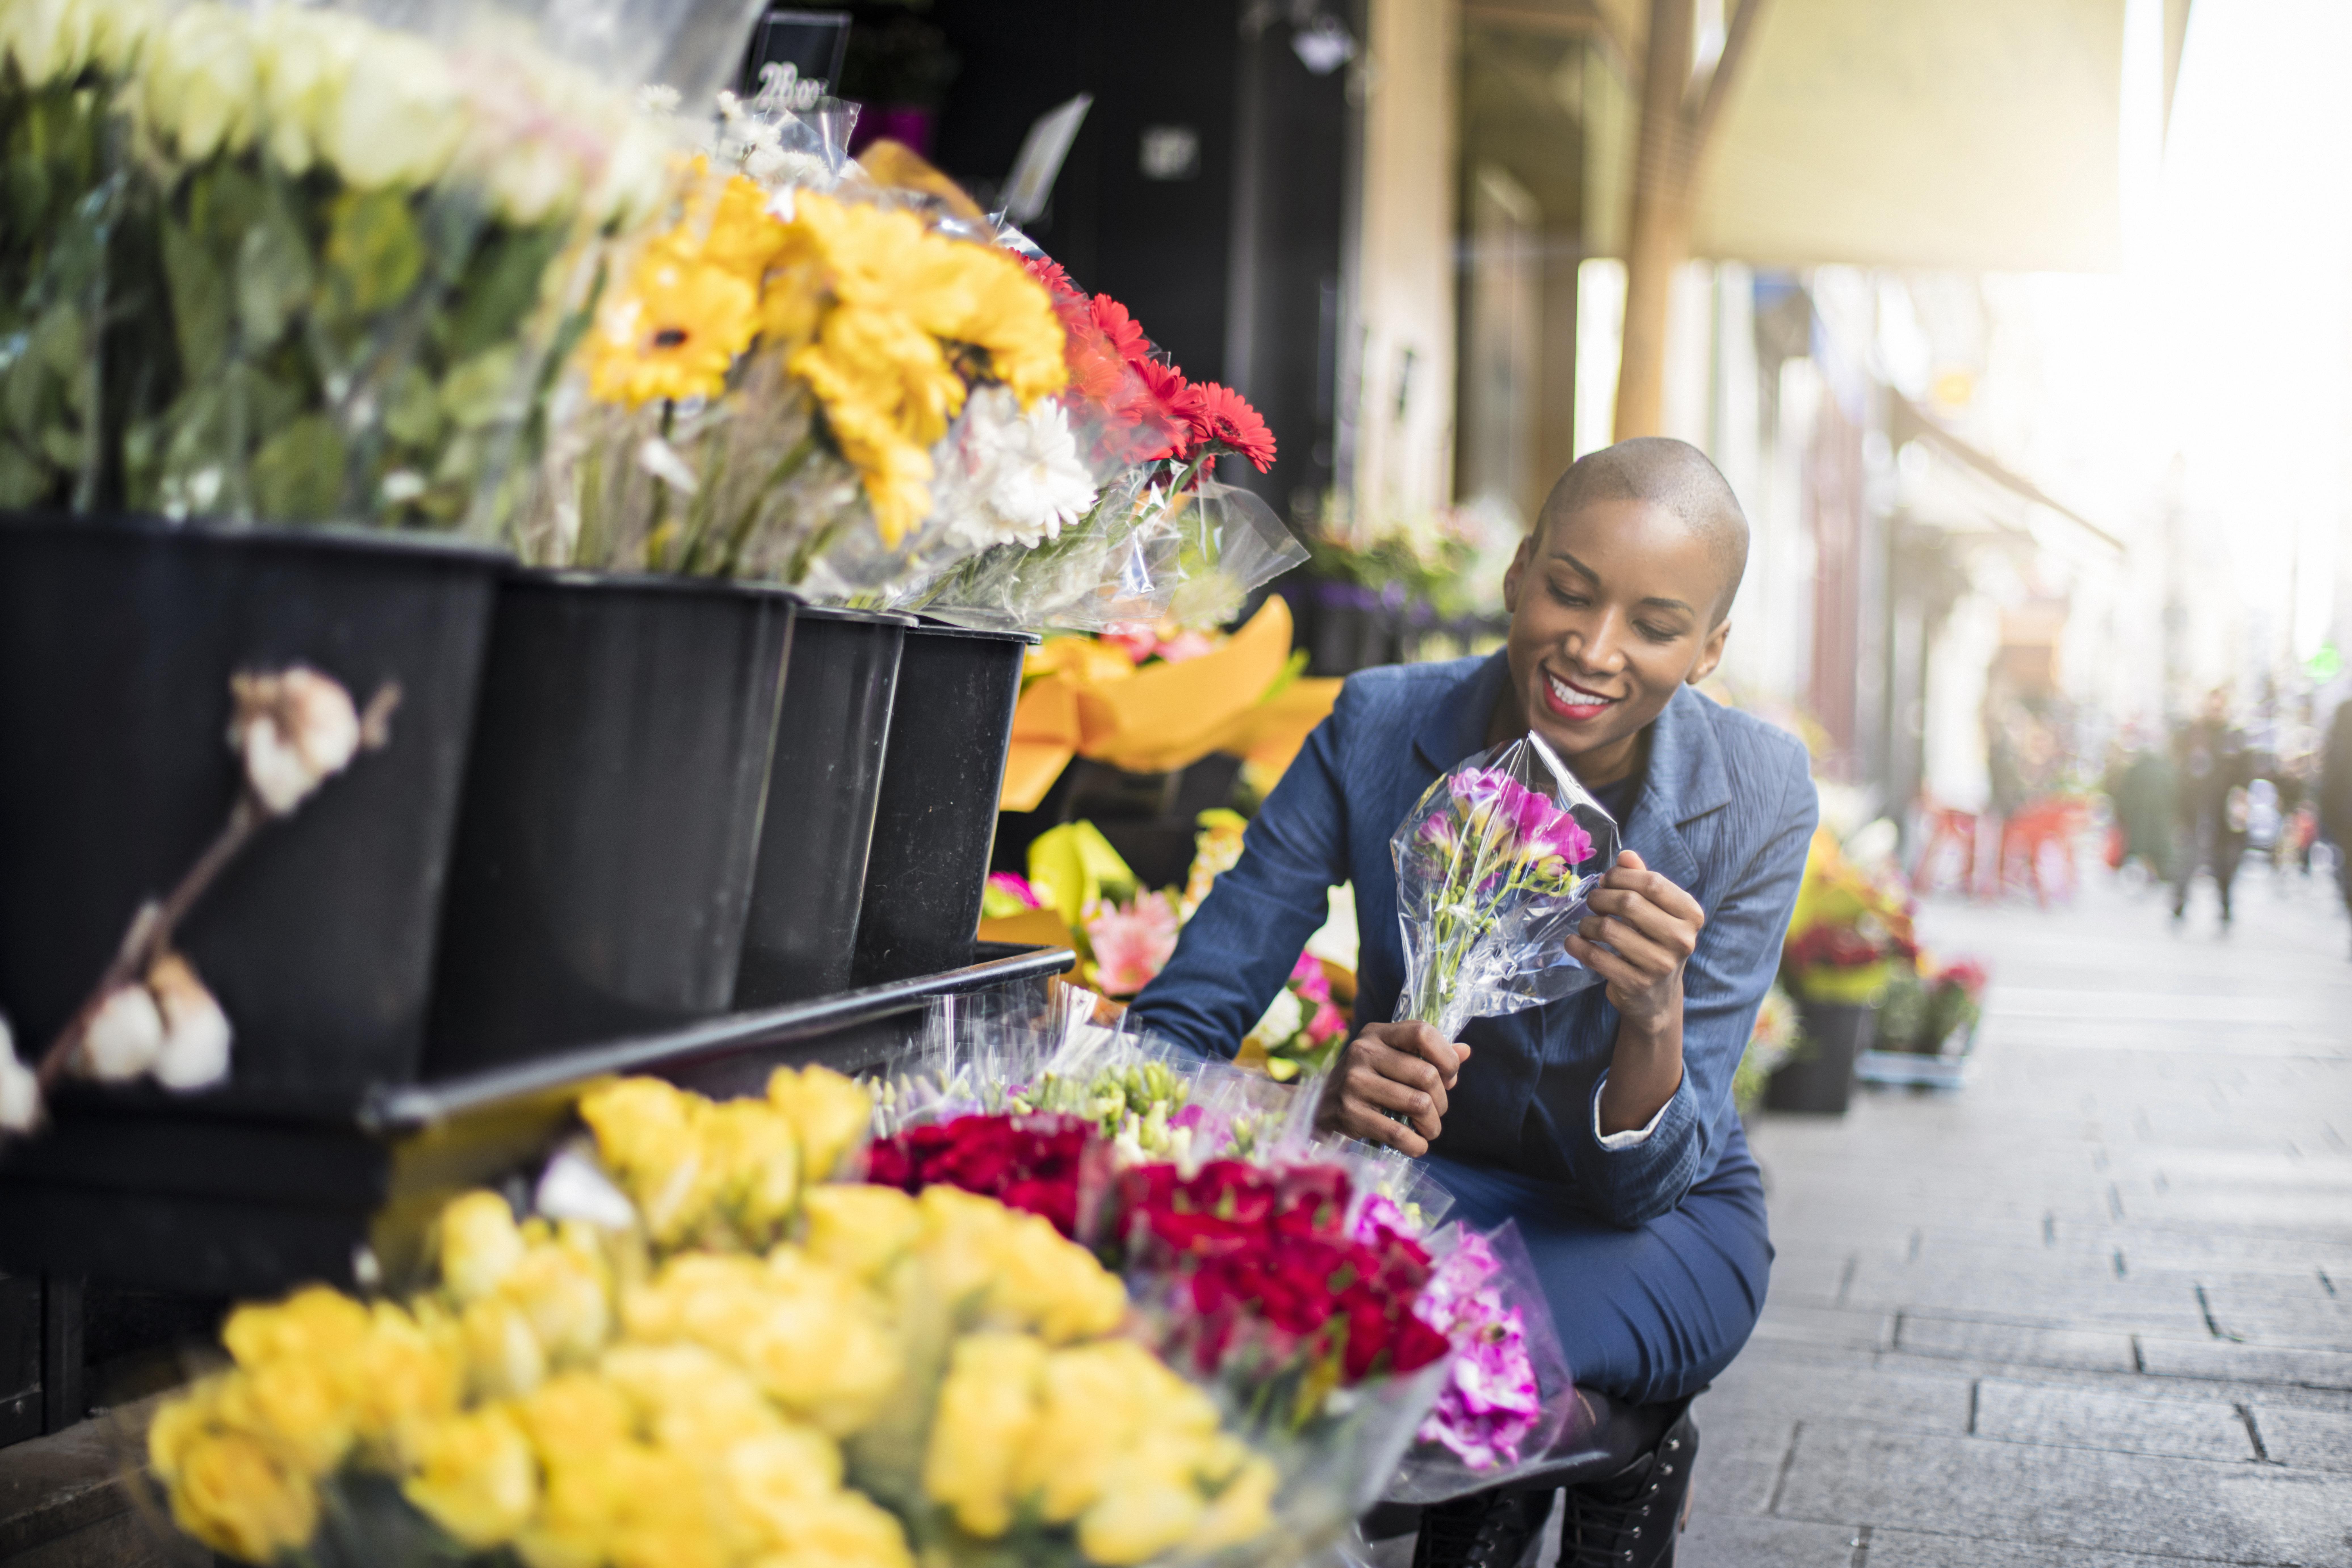 buying flowers.jpg